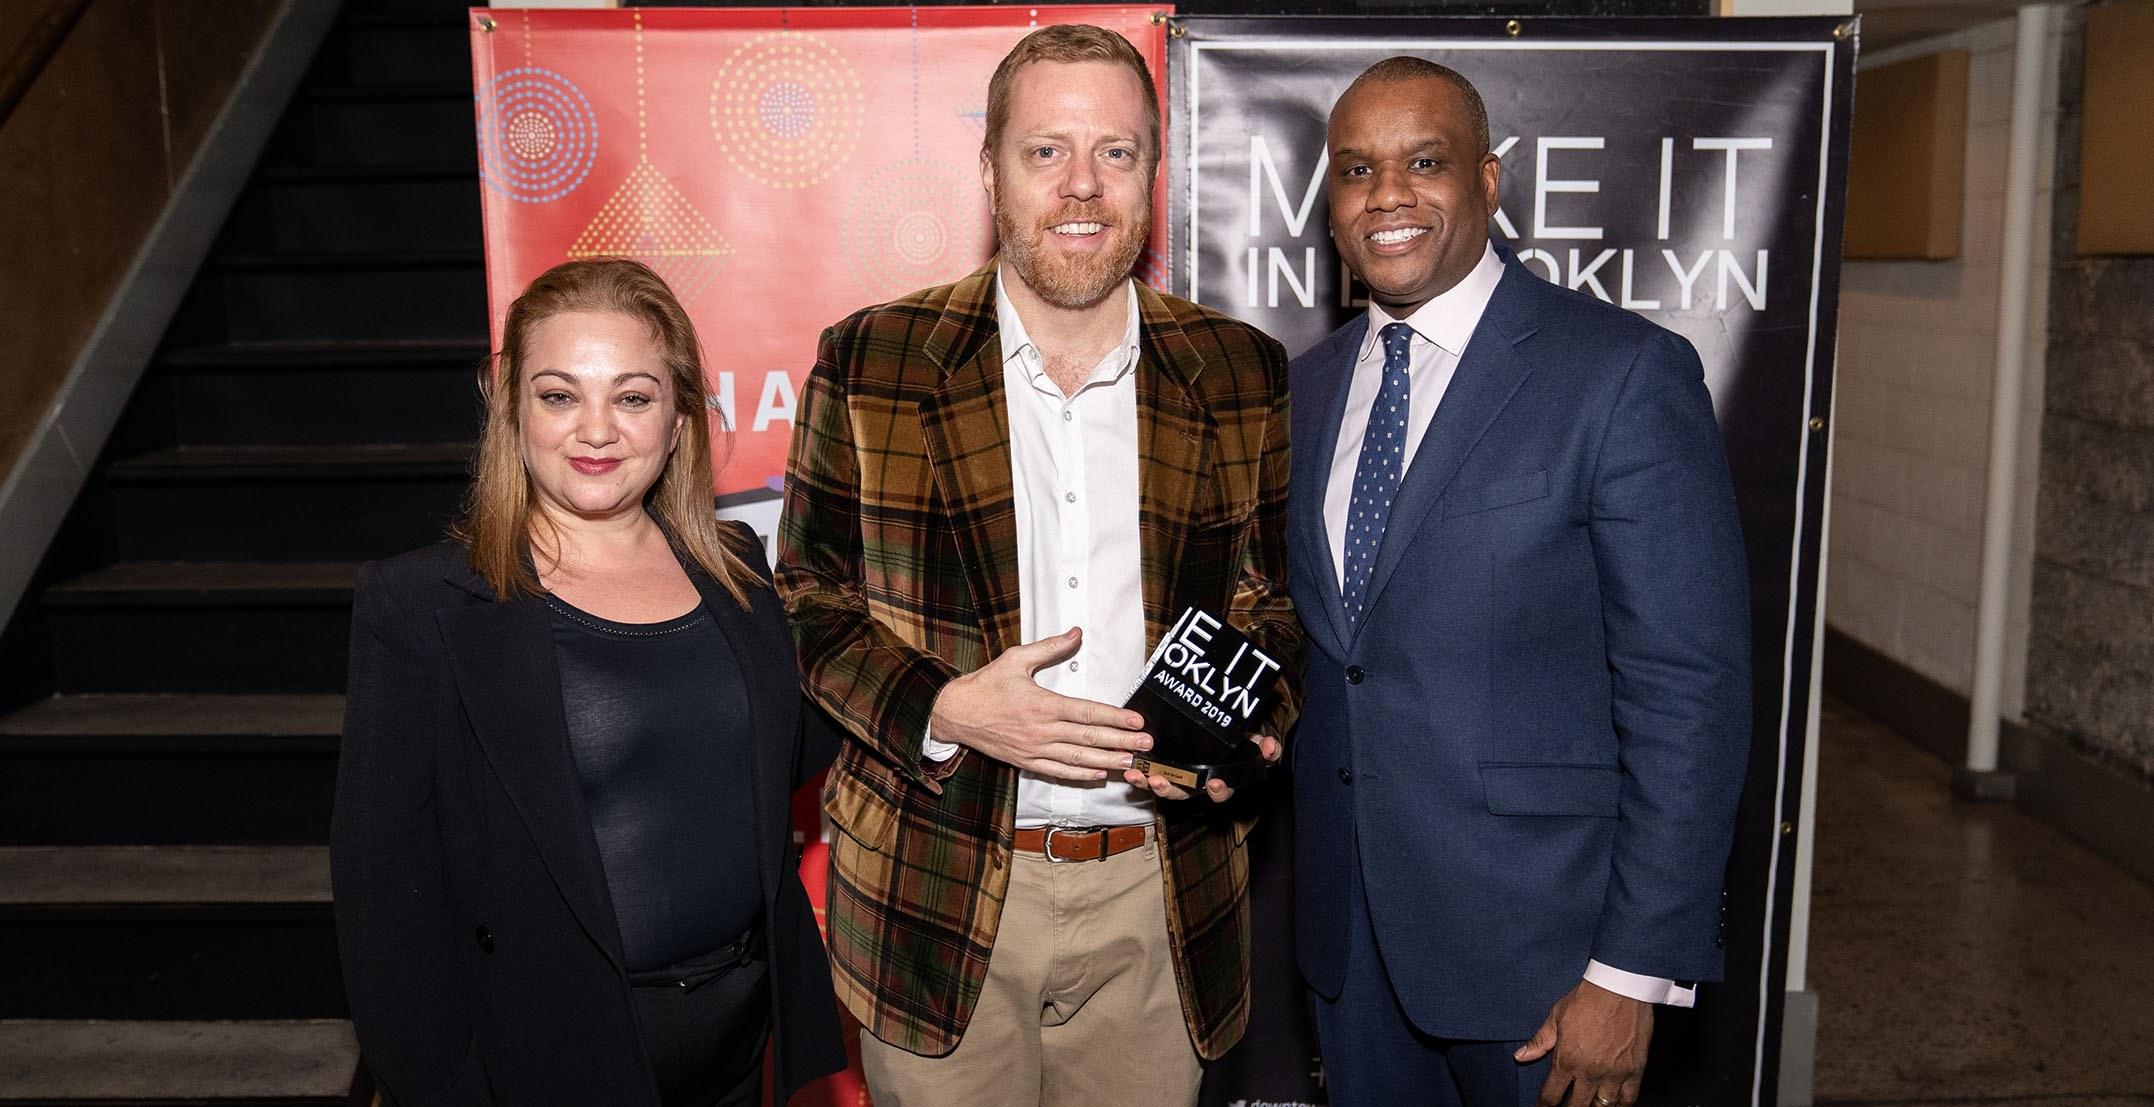 DBP-Innovation-Awards-Dec-2019-73c.jpg#asset:93158